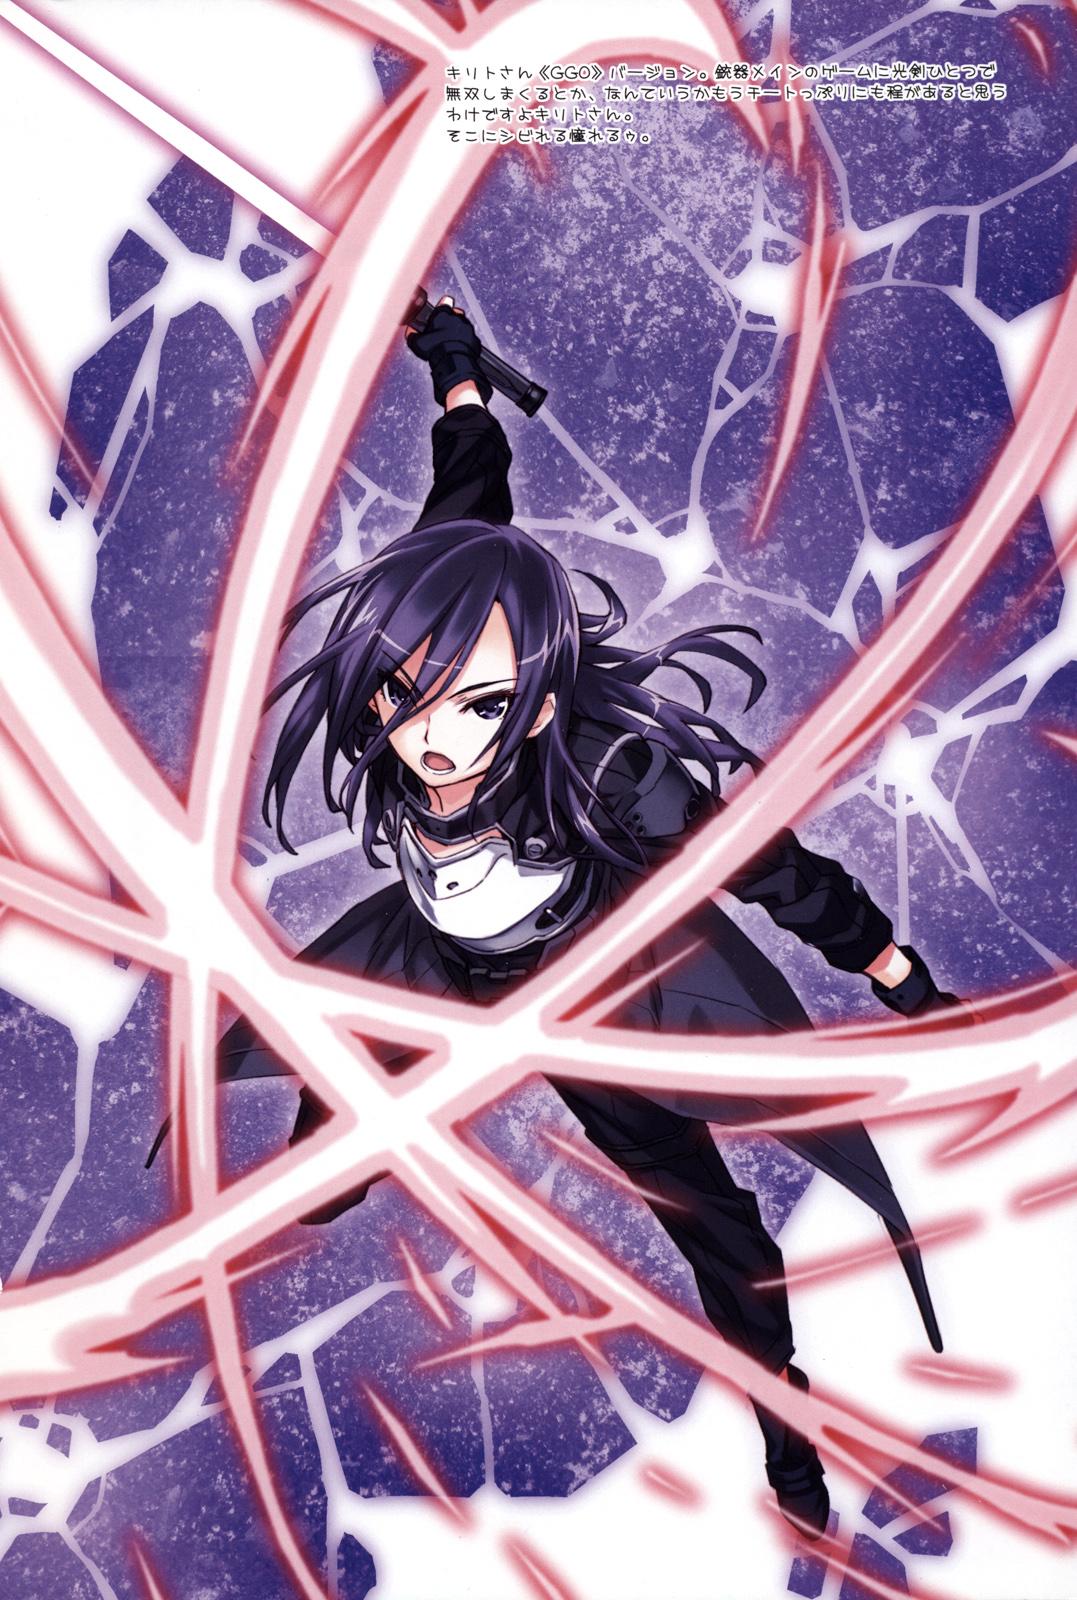 Kirito Ggo Kirigaya Kazuto Zerochan Anime Image Board